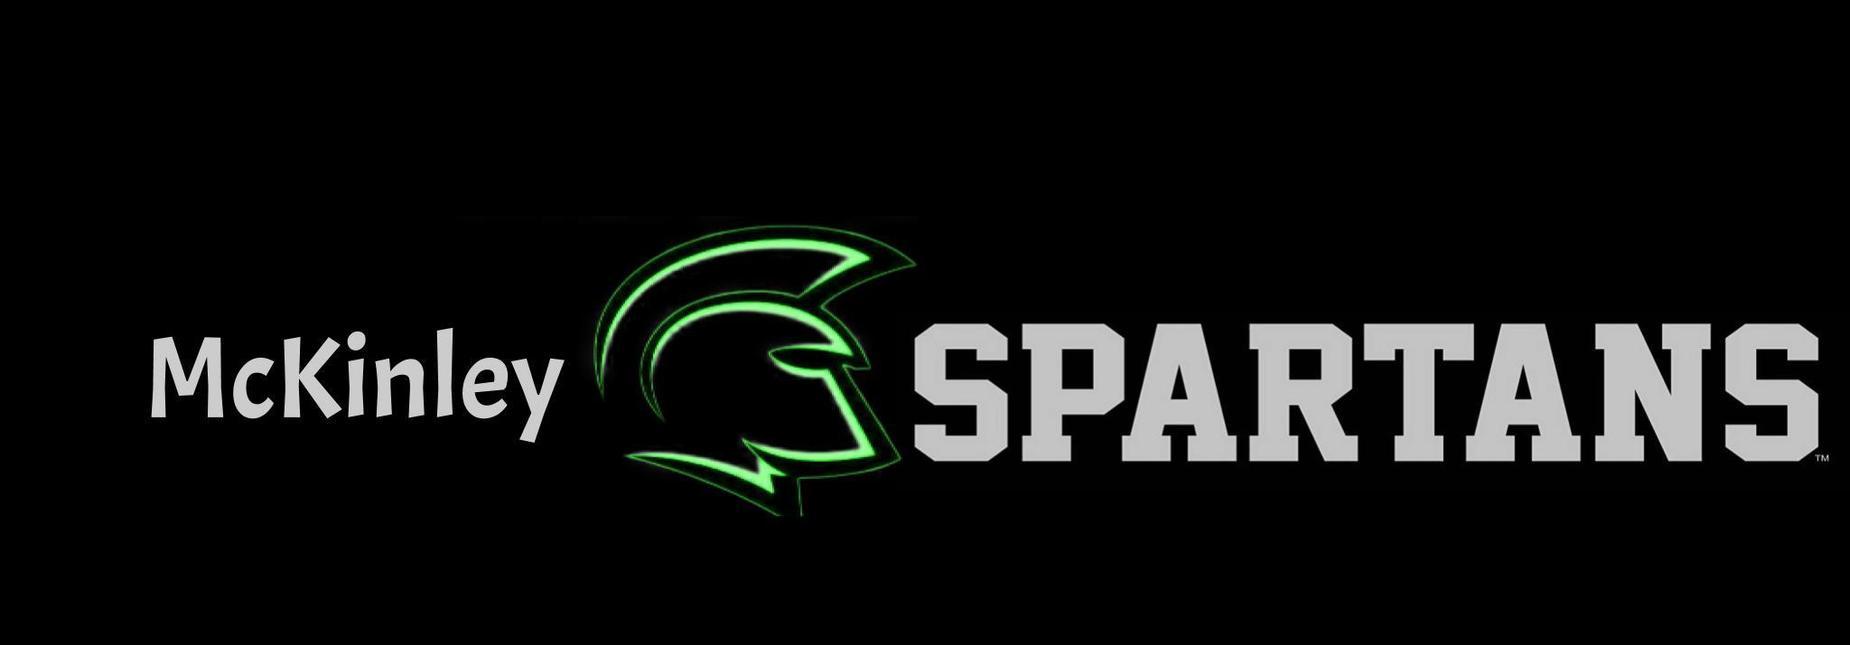 McKinley Spartans Banner